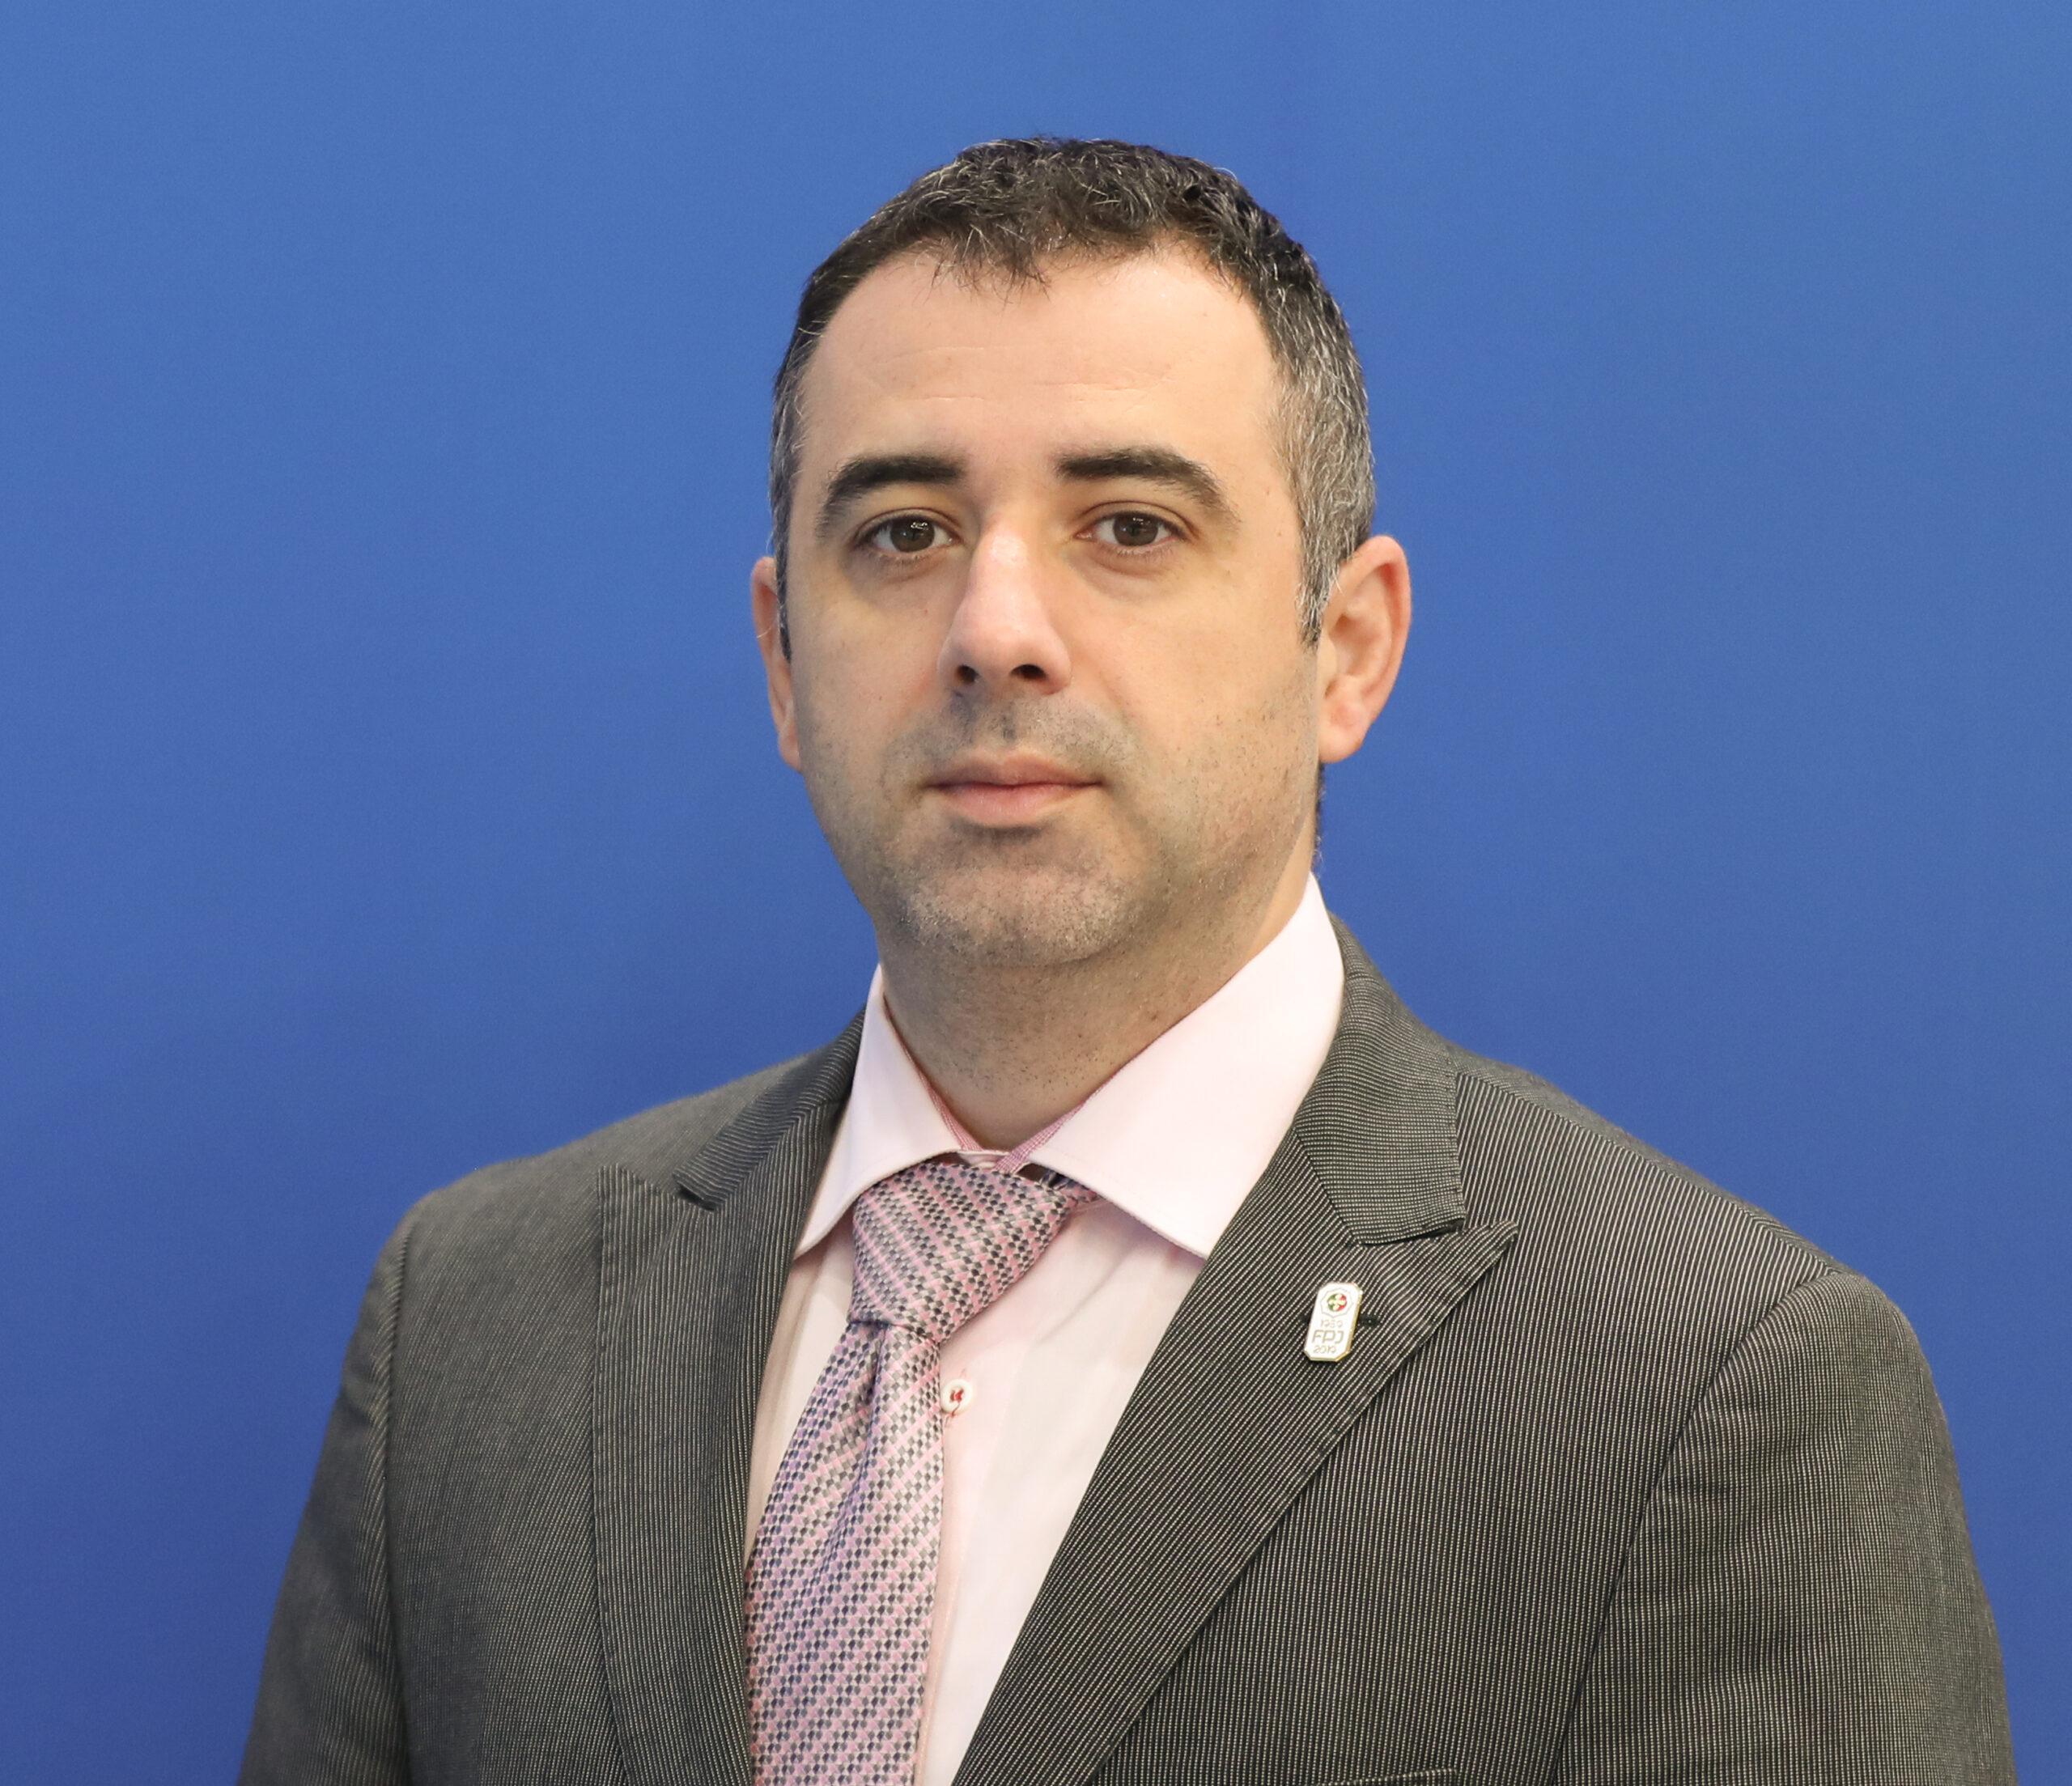 Mr. Sinisa Veir